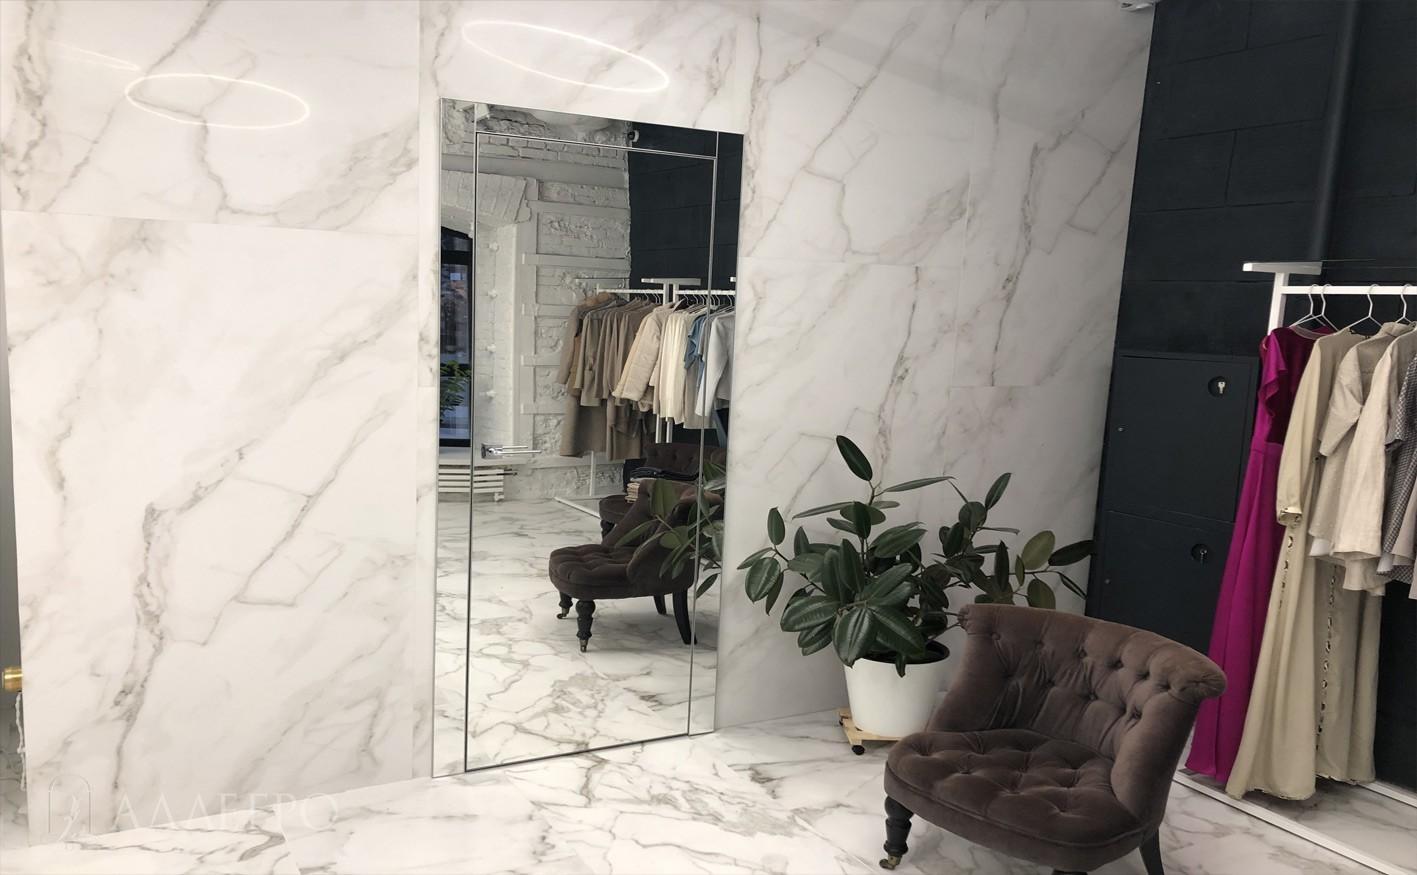 Дверь с зеркальным наличником кажется еще выше, чем есть на самом деле